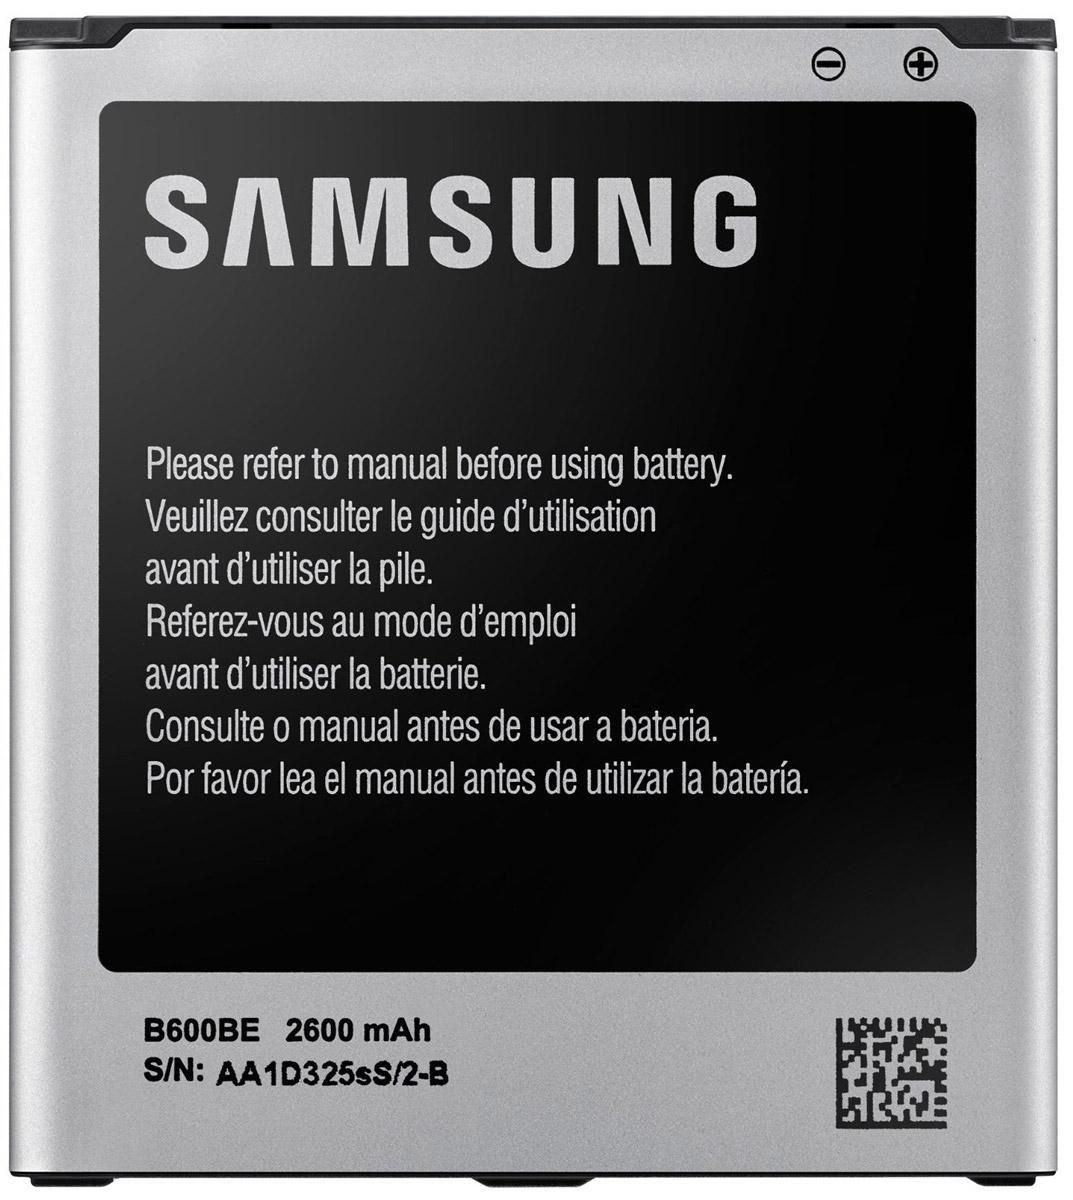 Samsung EB-B600BEBE стандартный аккумулятор для S4EB-B600BEBECRUСтандартный литий-ионный аккумулятор Samsung EB-B600BEBE подарит множество часов телефонного общения. Благодаря компактности устройства всегда можно носить его с собой, чтобы заменять им севший аккумулятор вашего смартфона.